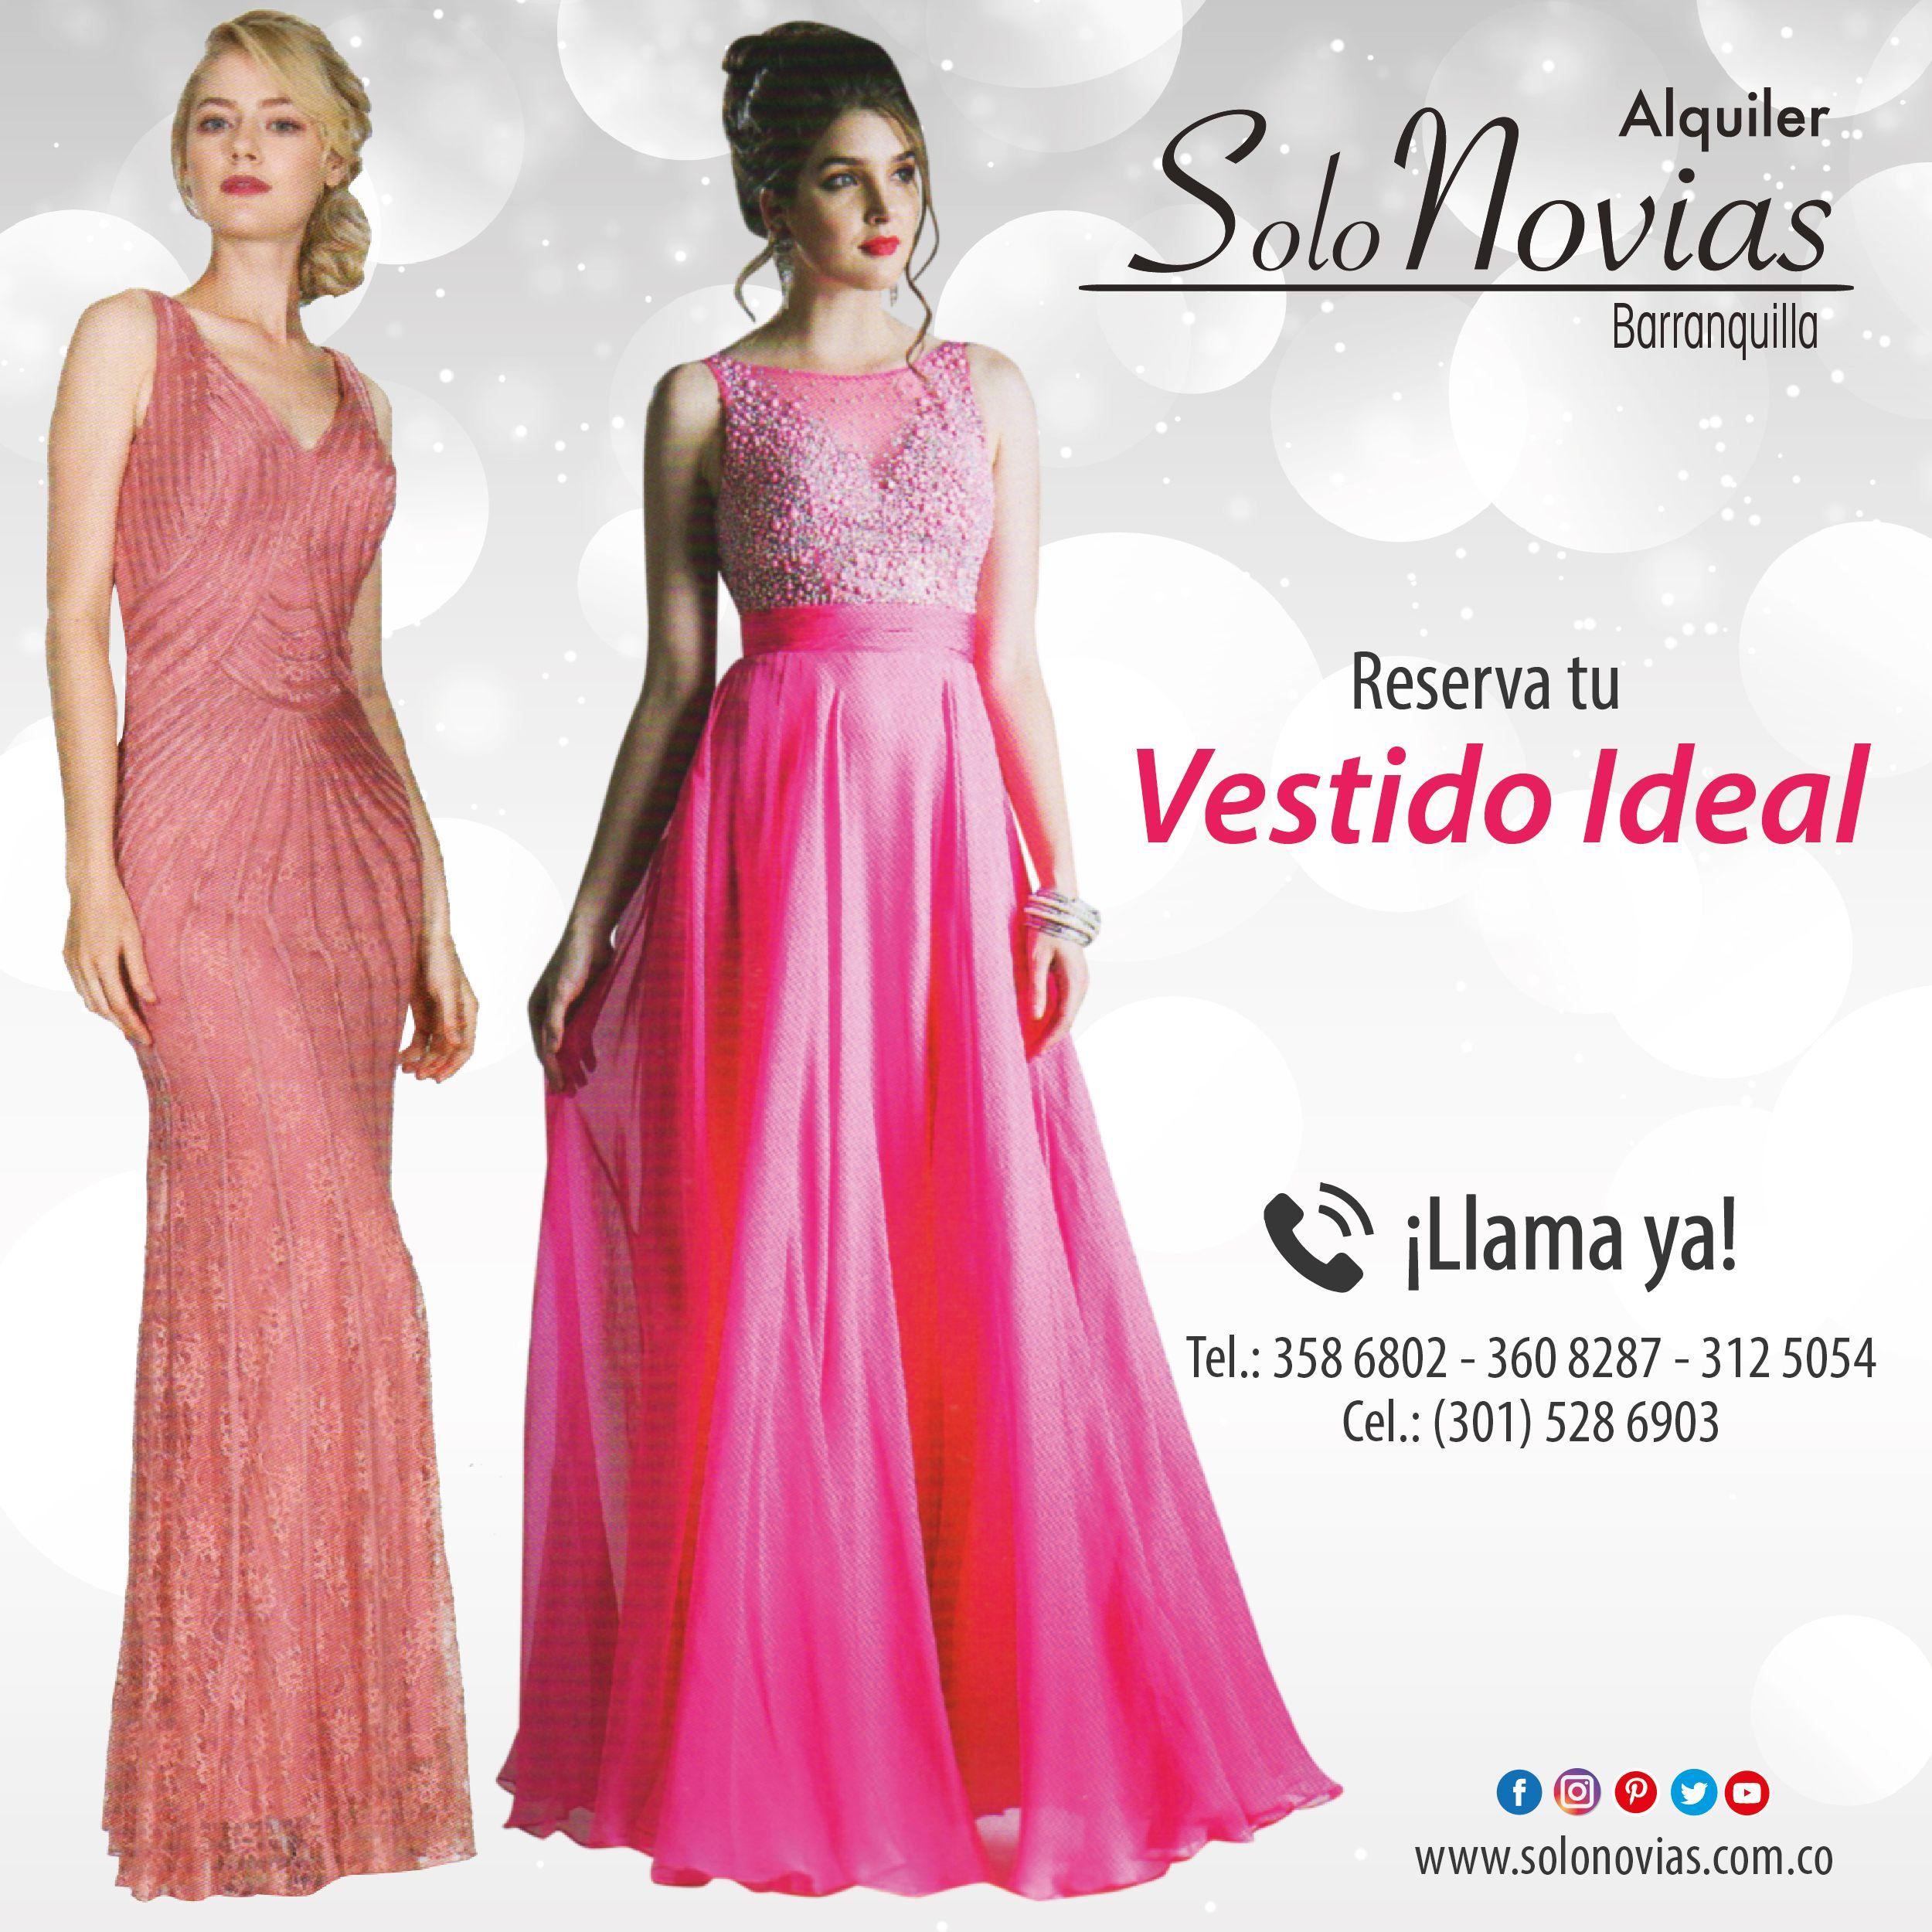 Reserva tu vestido ideal en Solo Novias. Visítanos: Local Principal ...